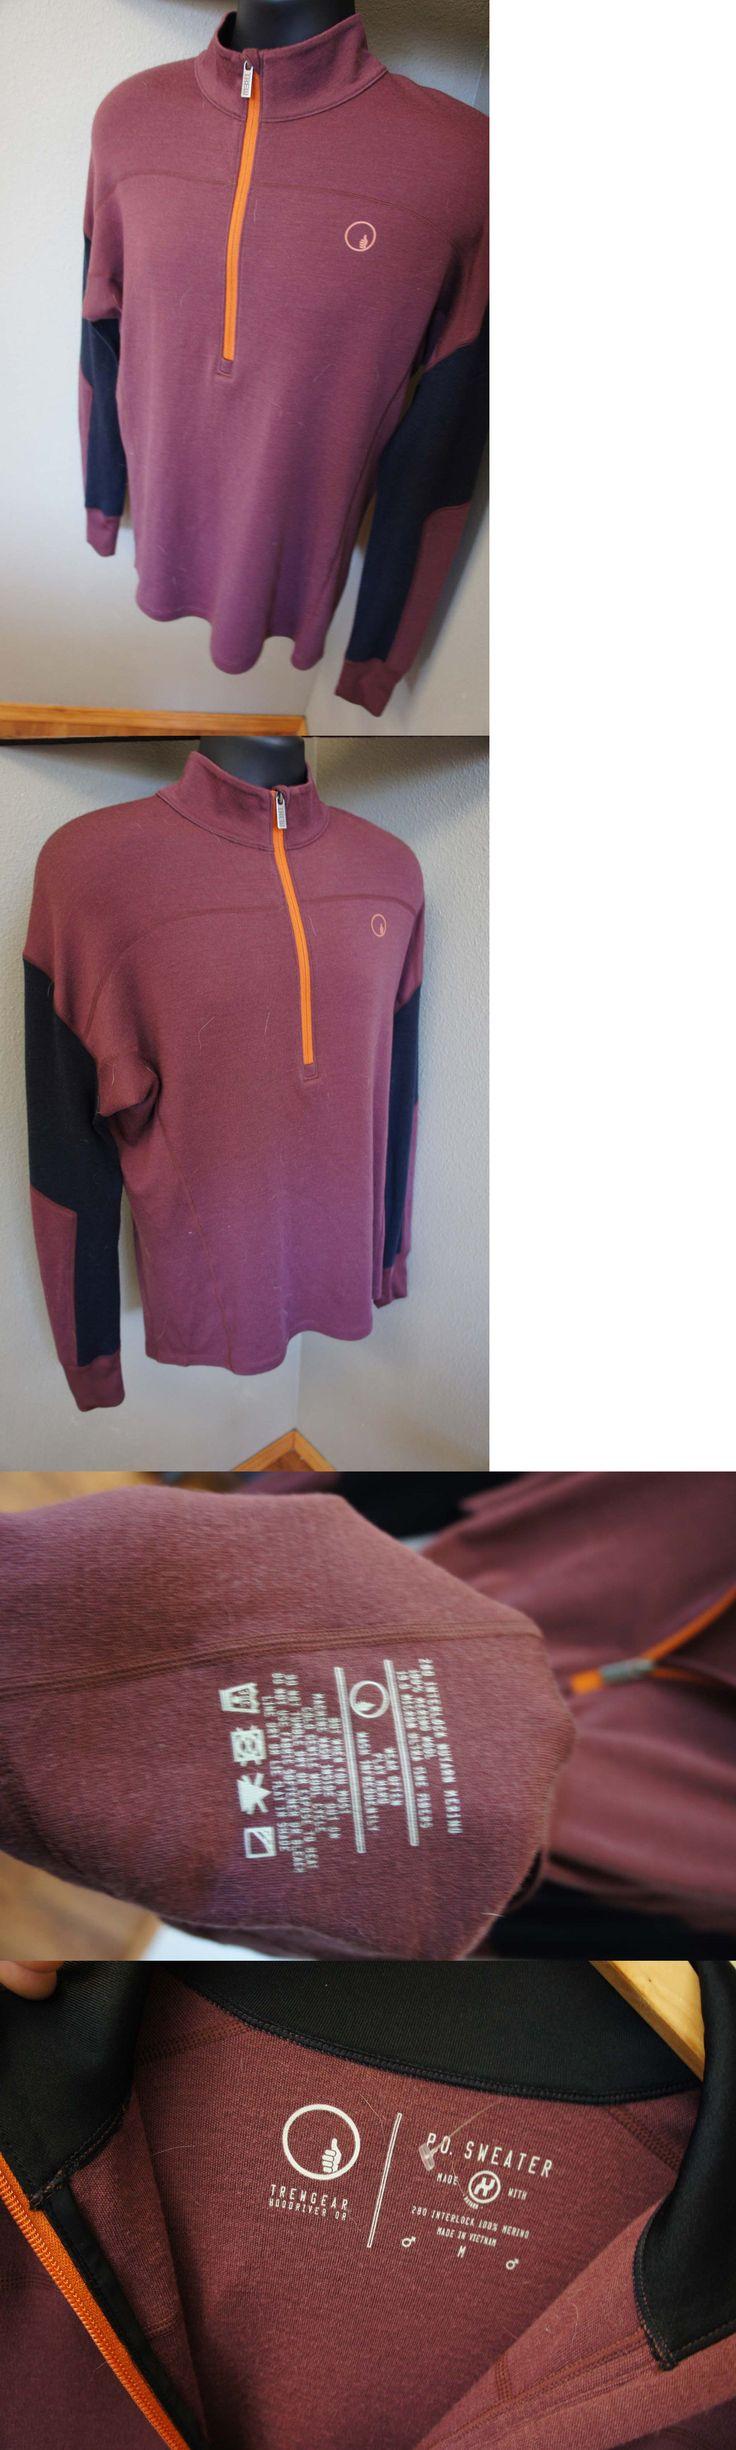 Base Layers 62171: New Trewgear Trew Gear Merino Wool Sweater Ski Base Layer Capilene Icebreaker 68 -> BUY IT NOW ONLY: $44.95 on eBay!